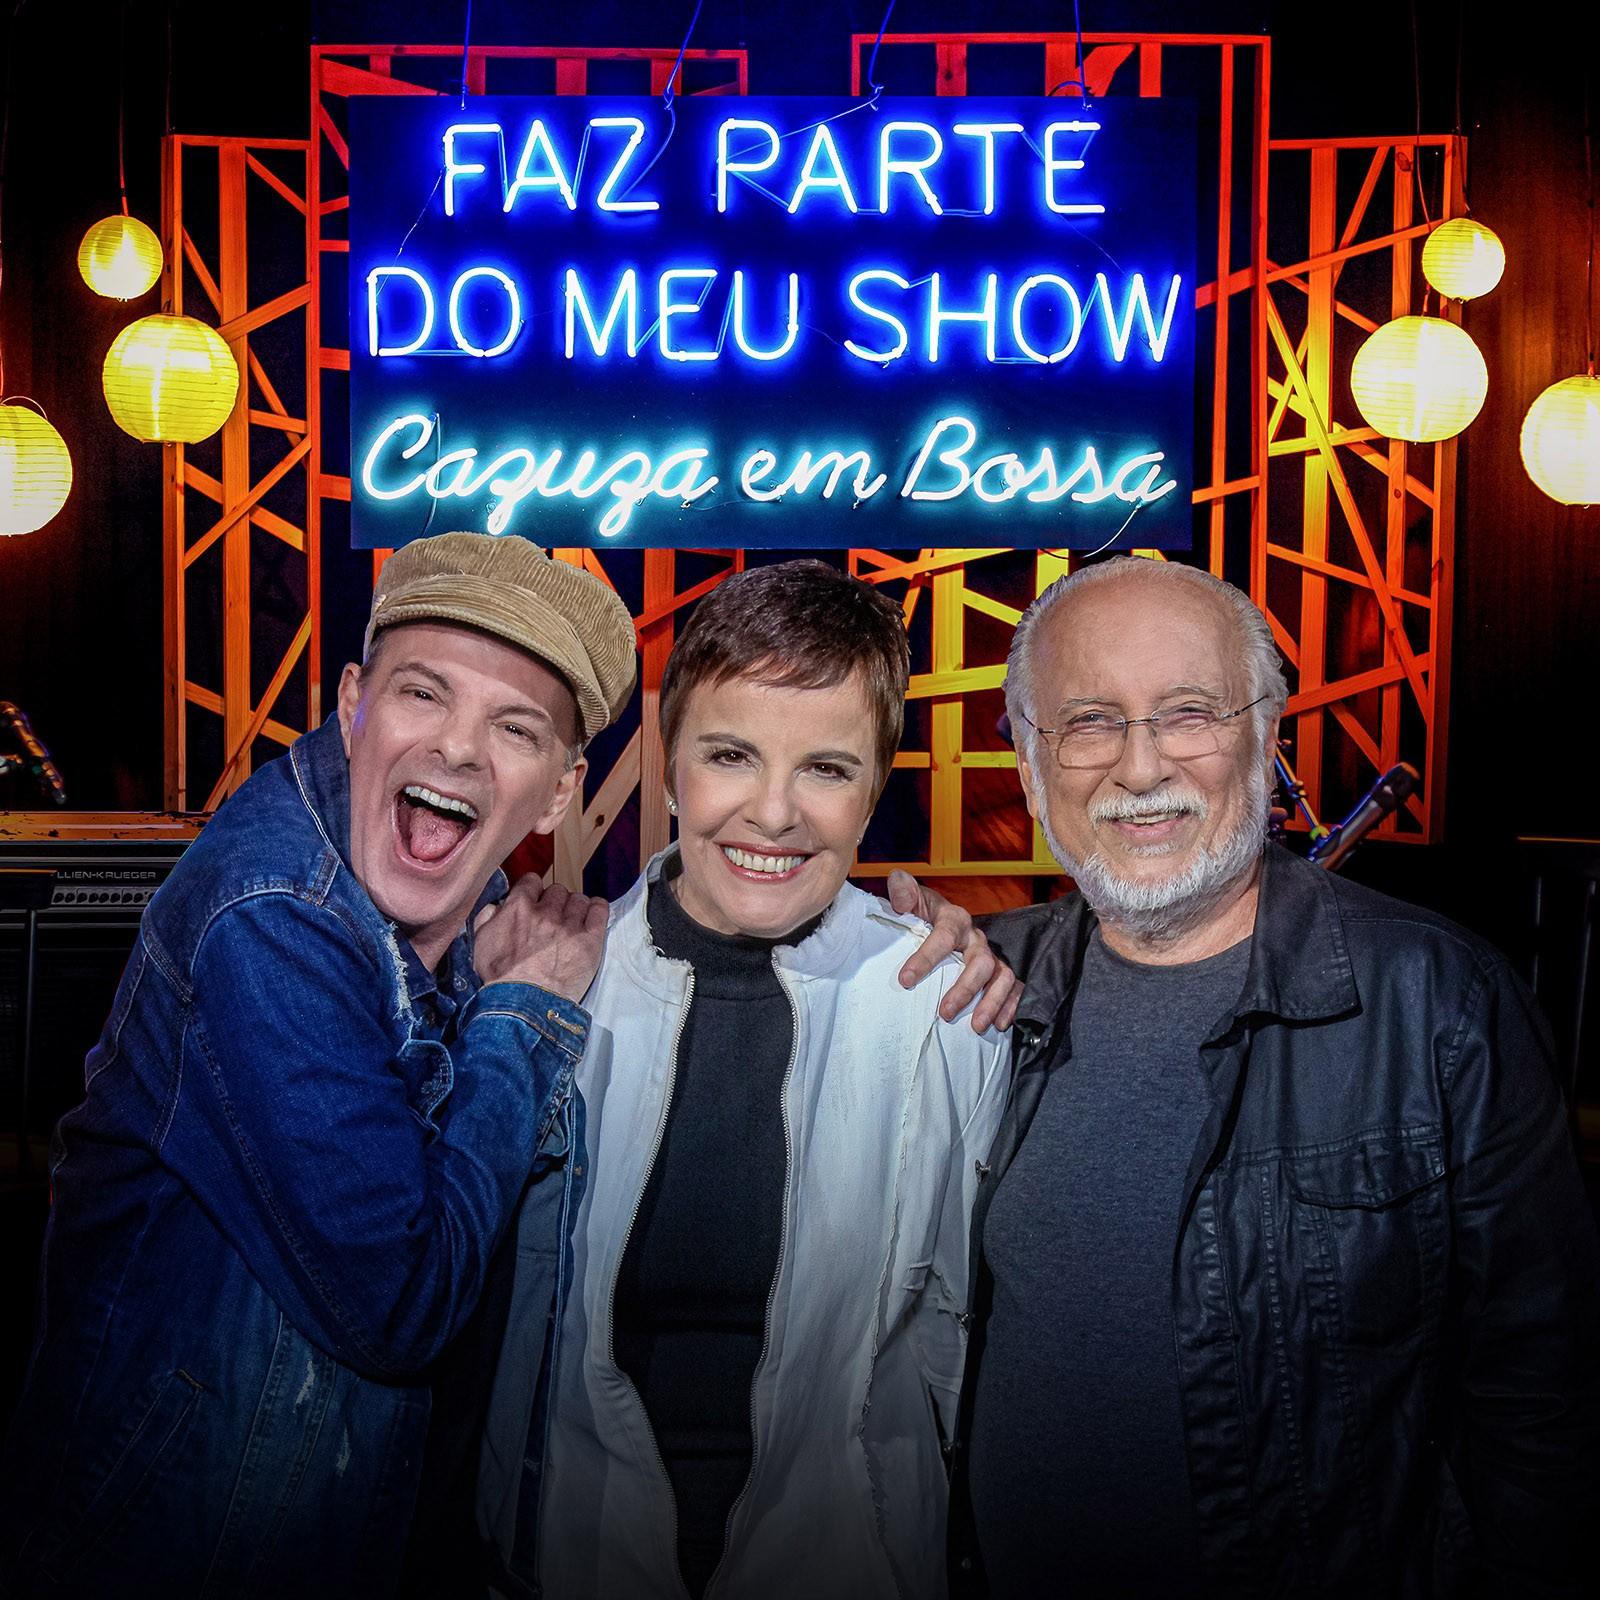 Oito hits de Cazuza ganham a bossa de Leila Pinheiro, Roberto Menescal e Rodrigo Santos em álbum ao vivo